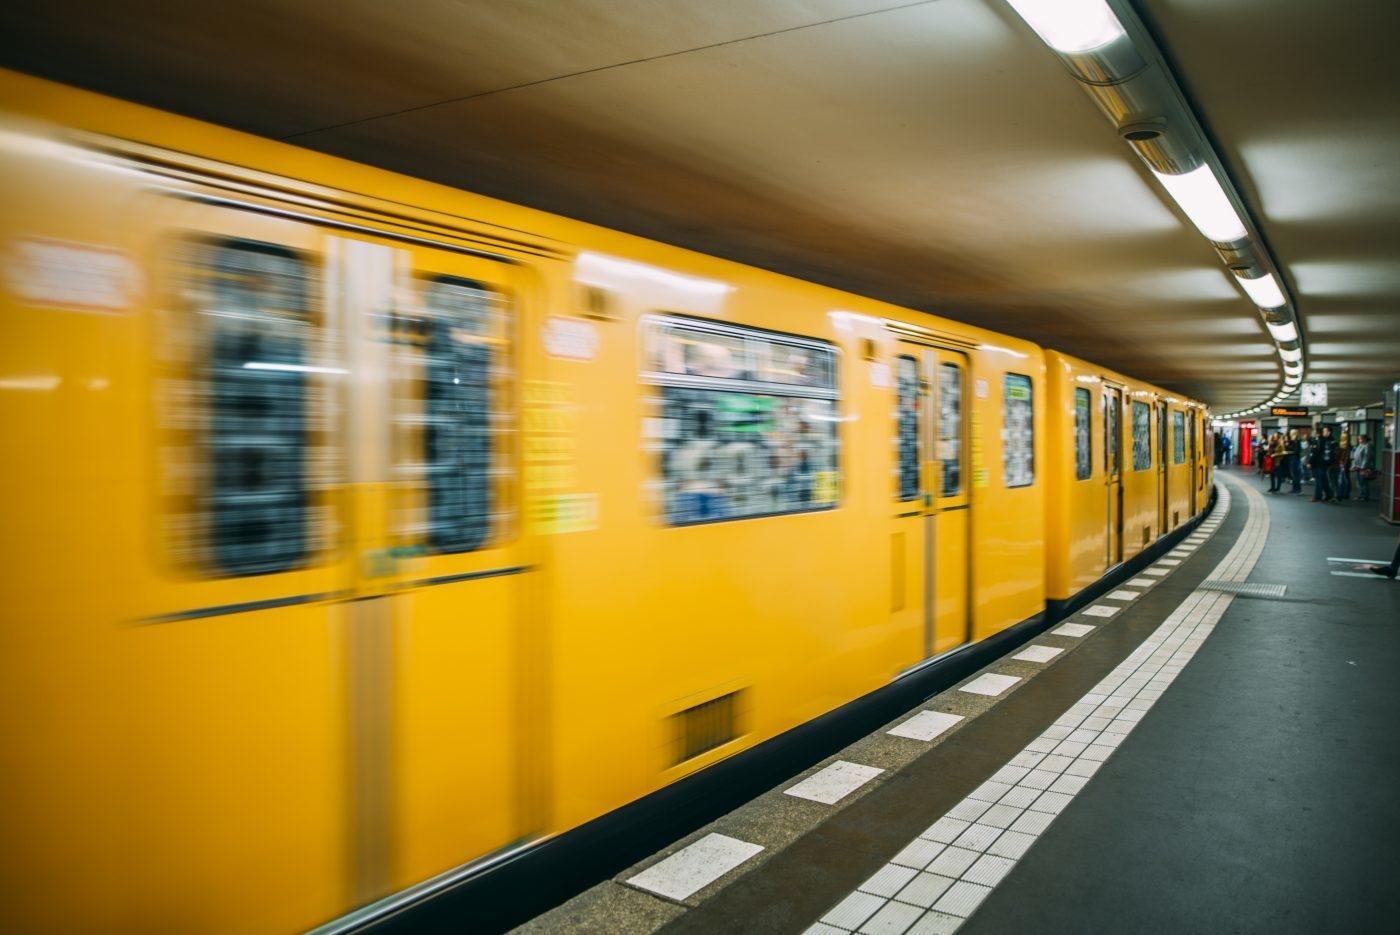 Gerade an Bahnhöfen versprechen sich die Initiatoren mehr Sicherheit durch Videoüberwachung.